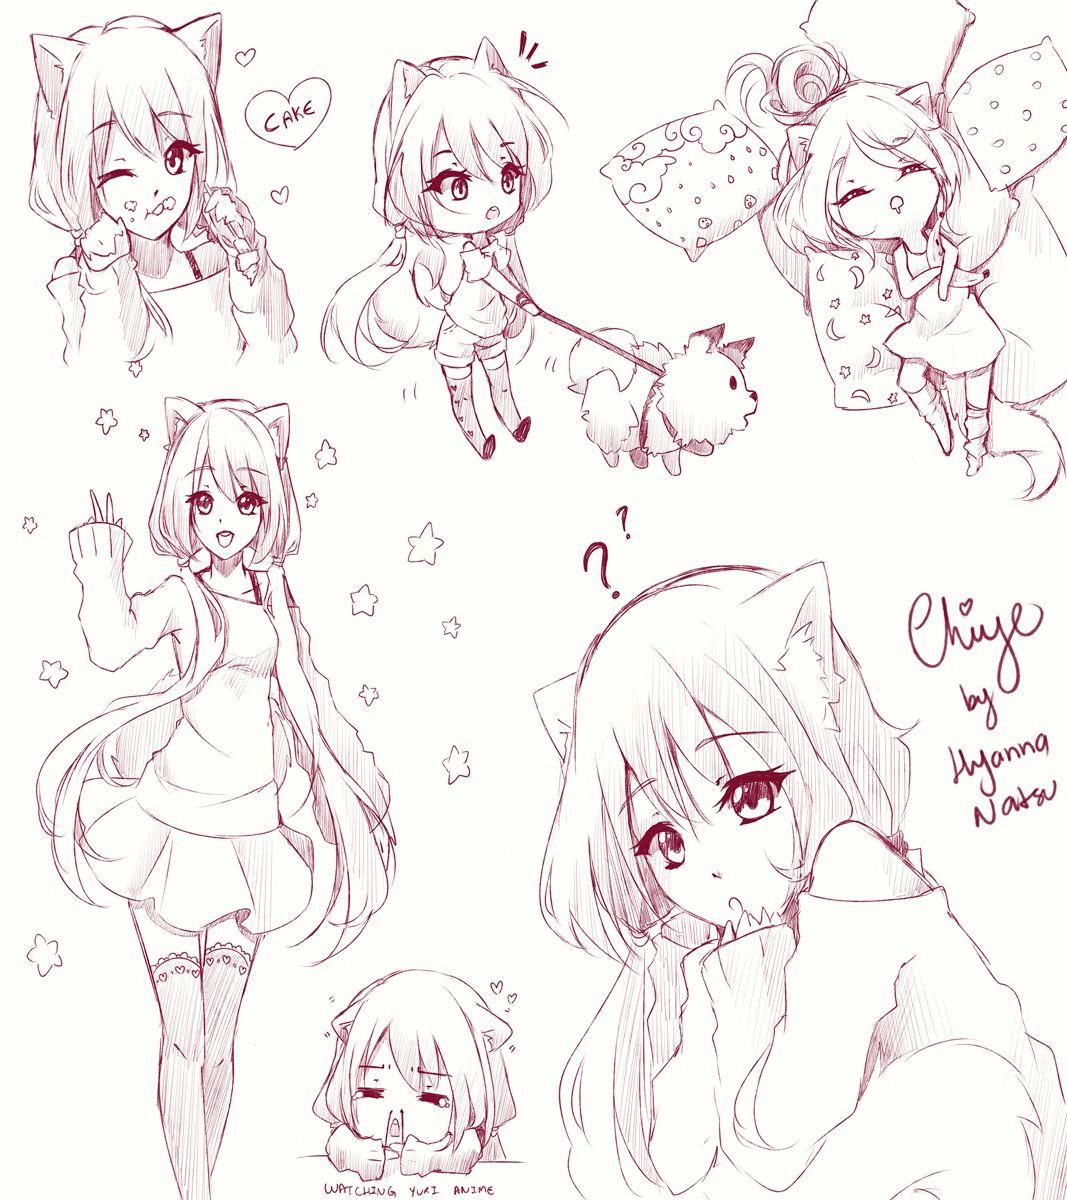 Yo Yo Chiye By Hyanna Natsu Anime Drawings Tutorials Anime Drawings Sketches Anime Sketch